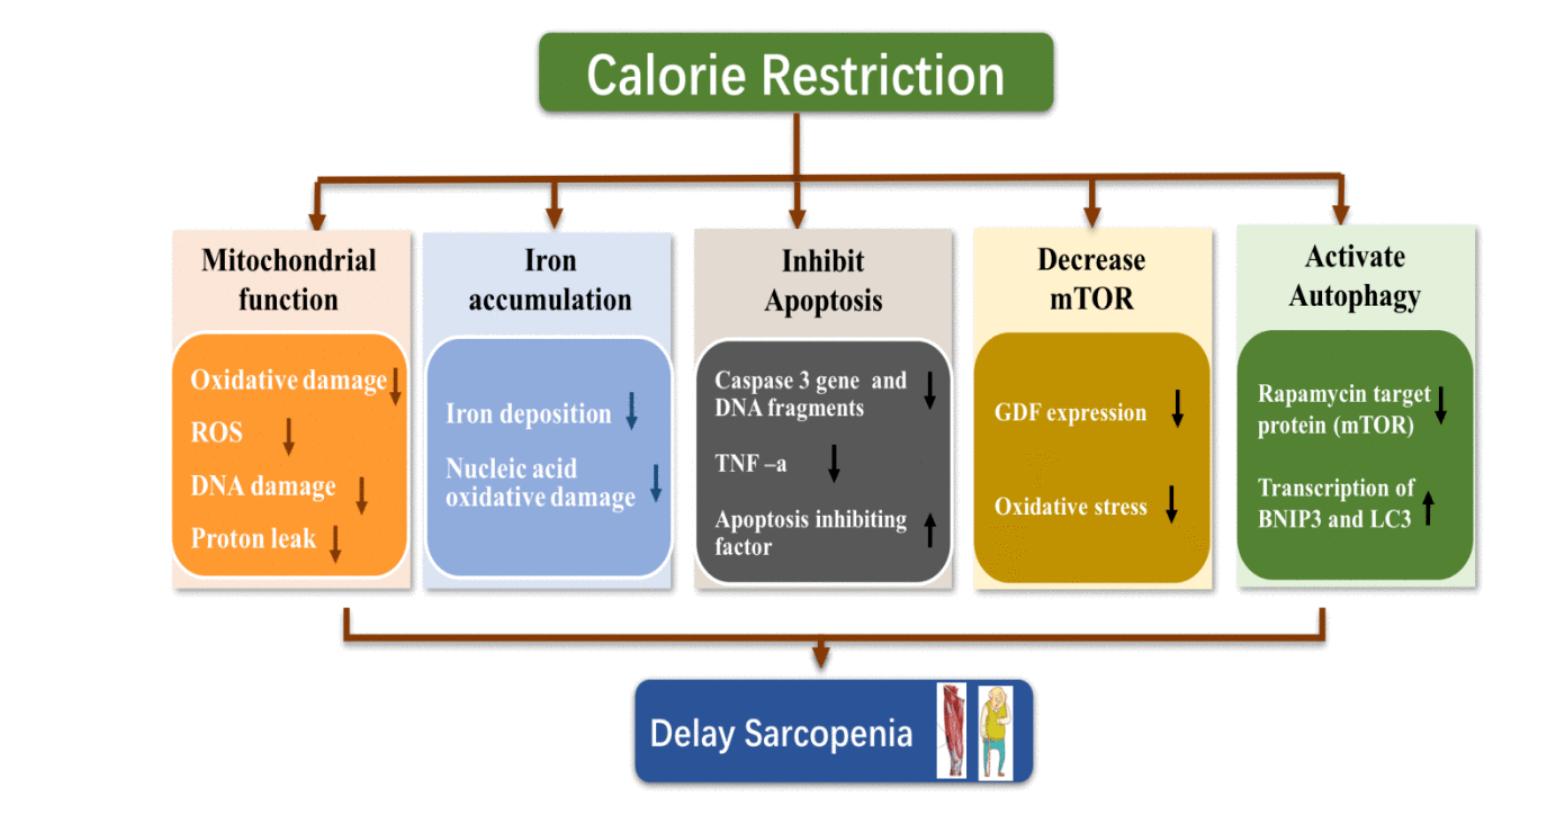 Ограничение калорийности откладывает саркопению